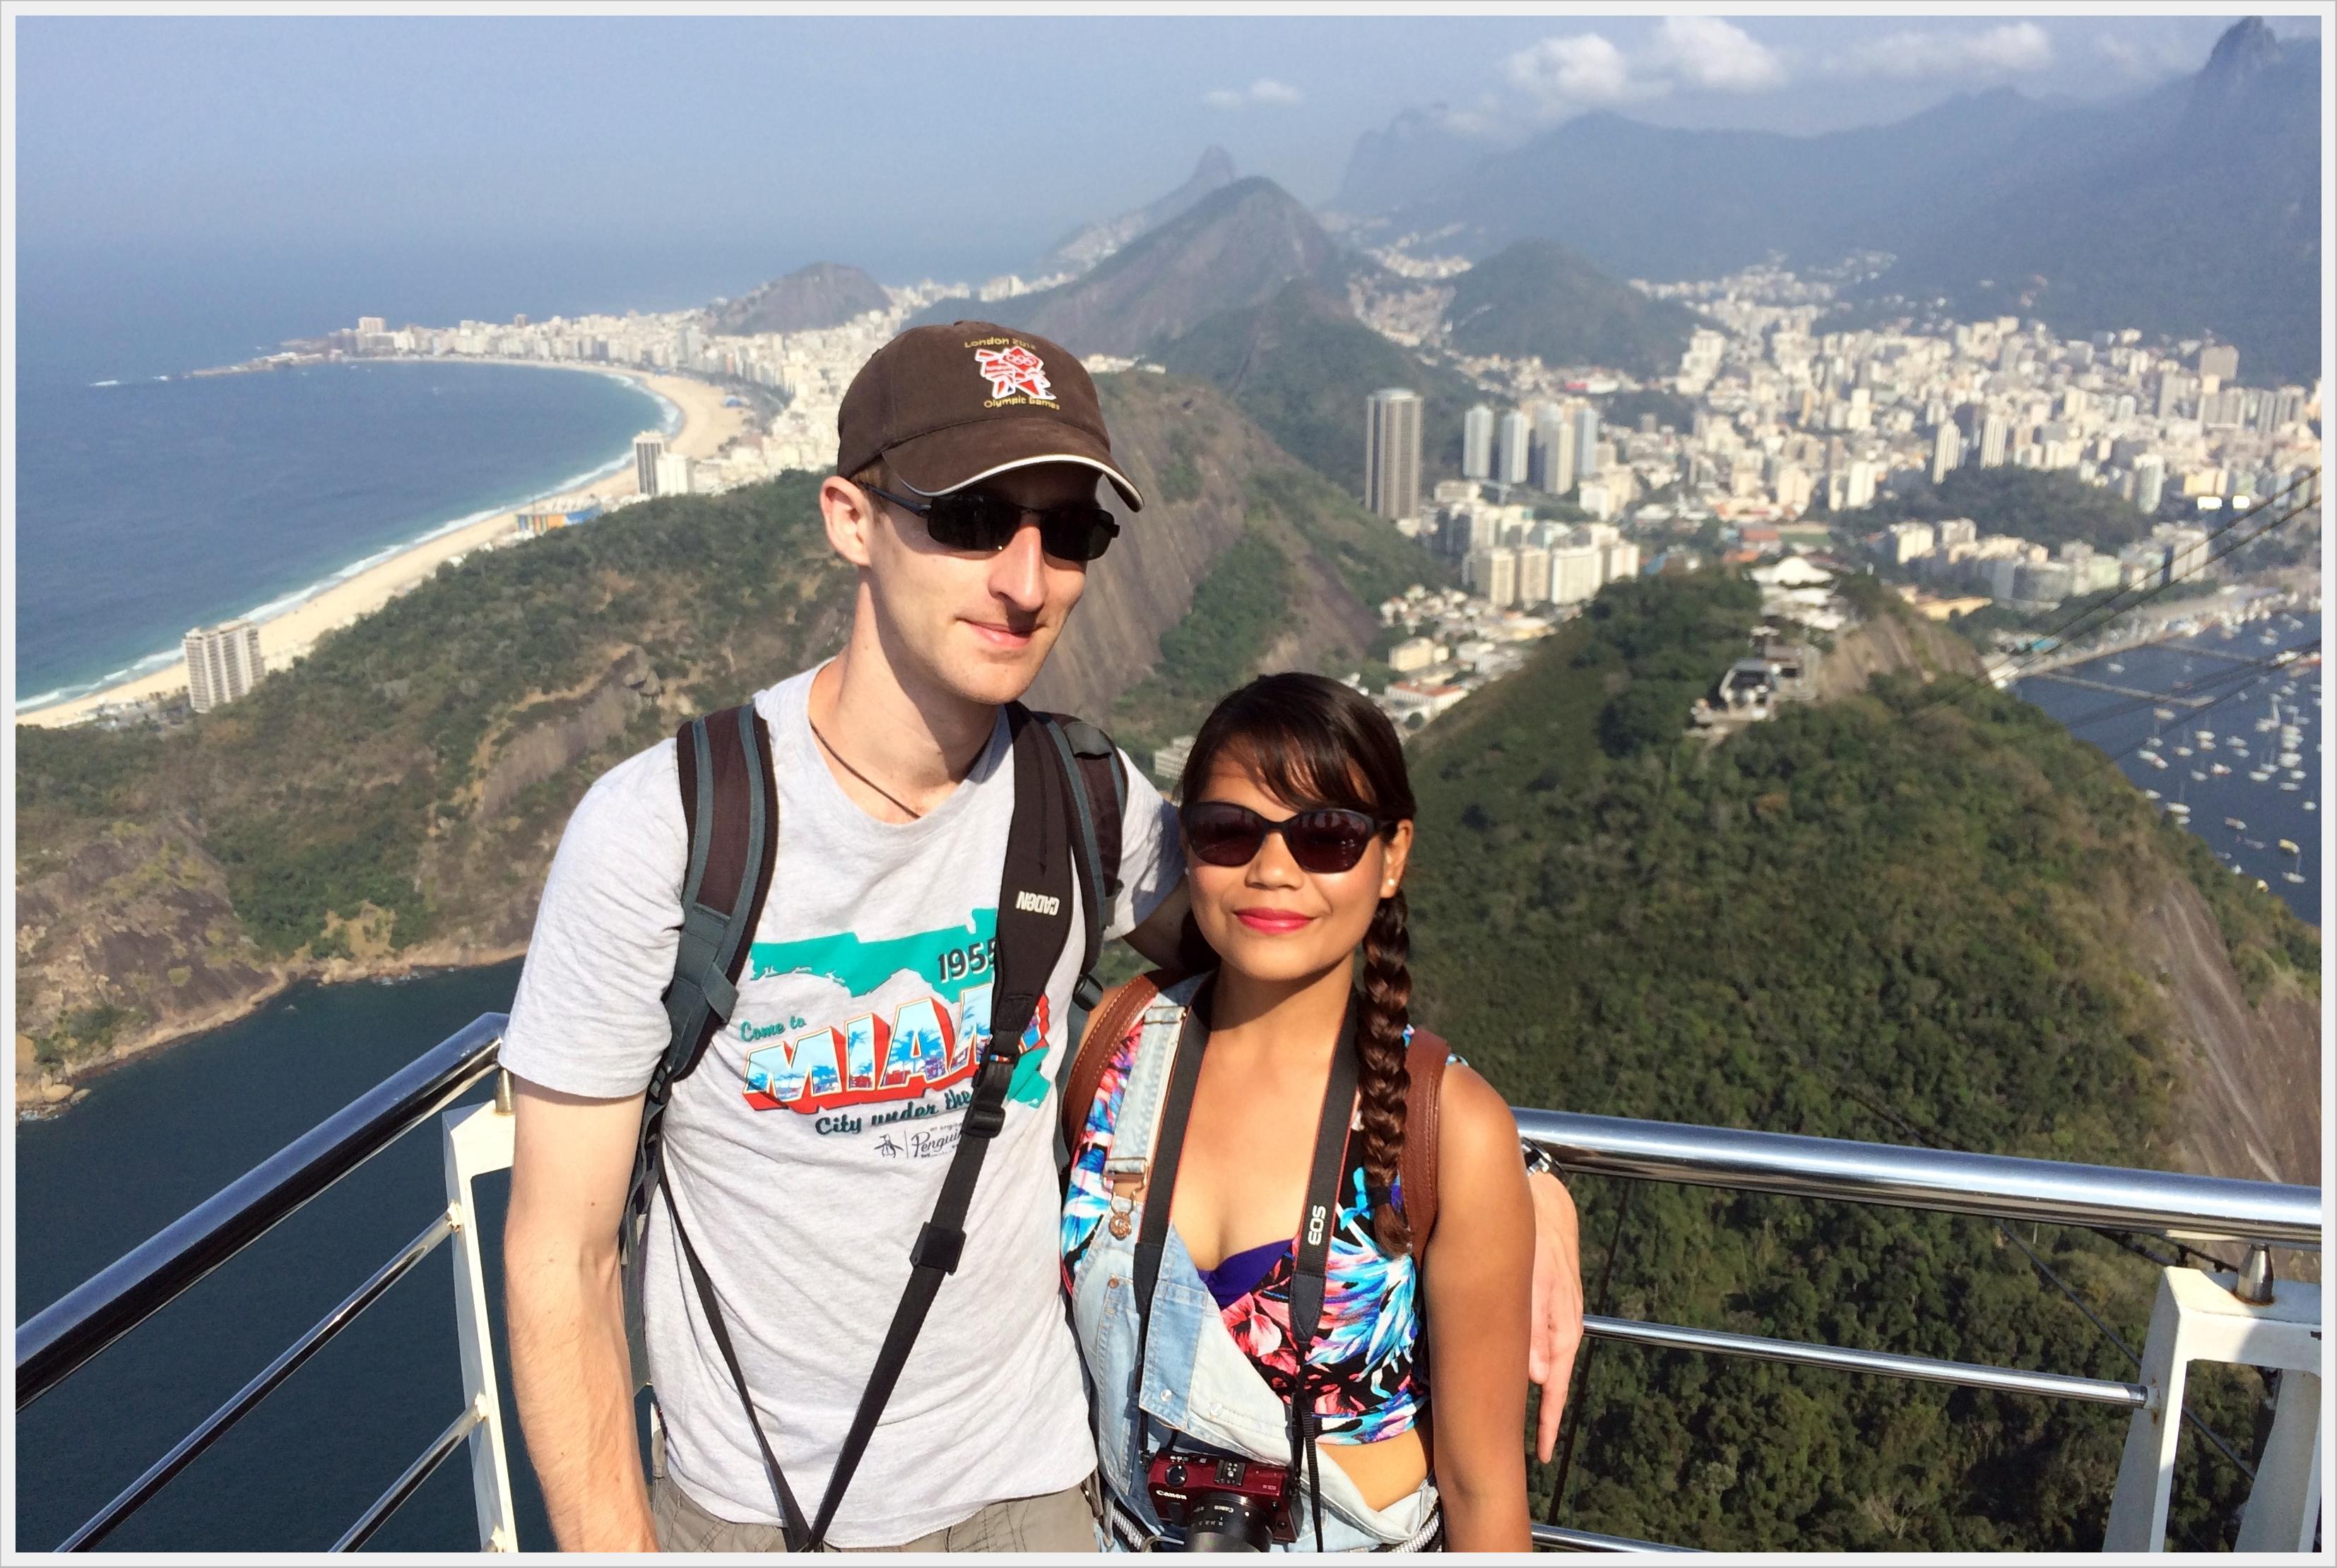 12_2016 - Rio de Janeiro